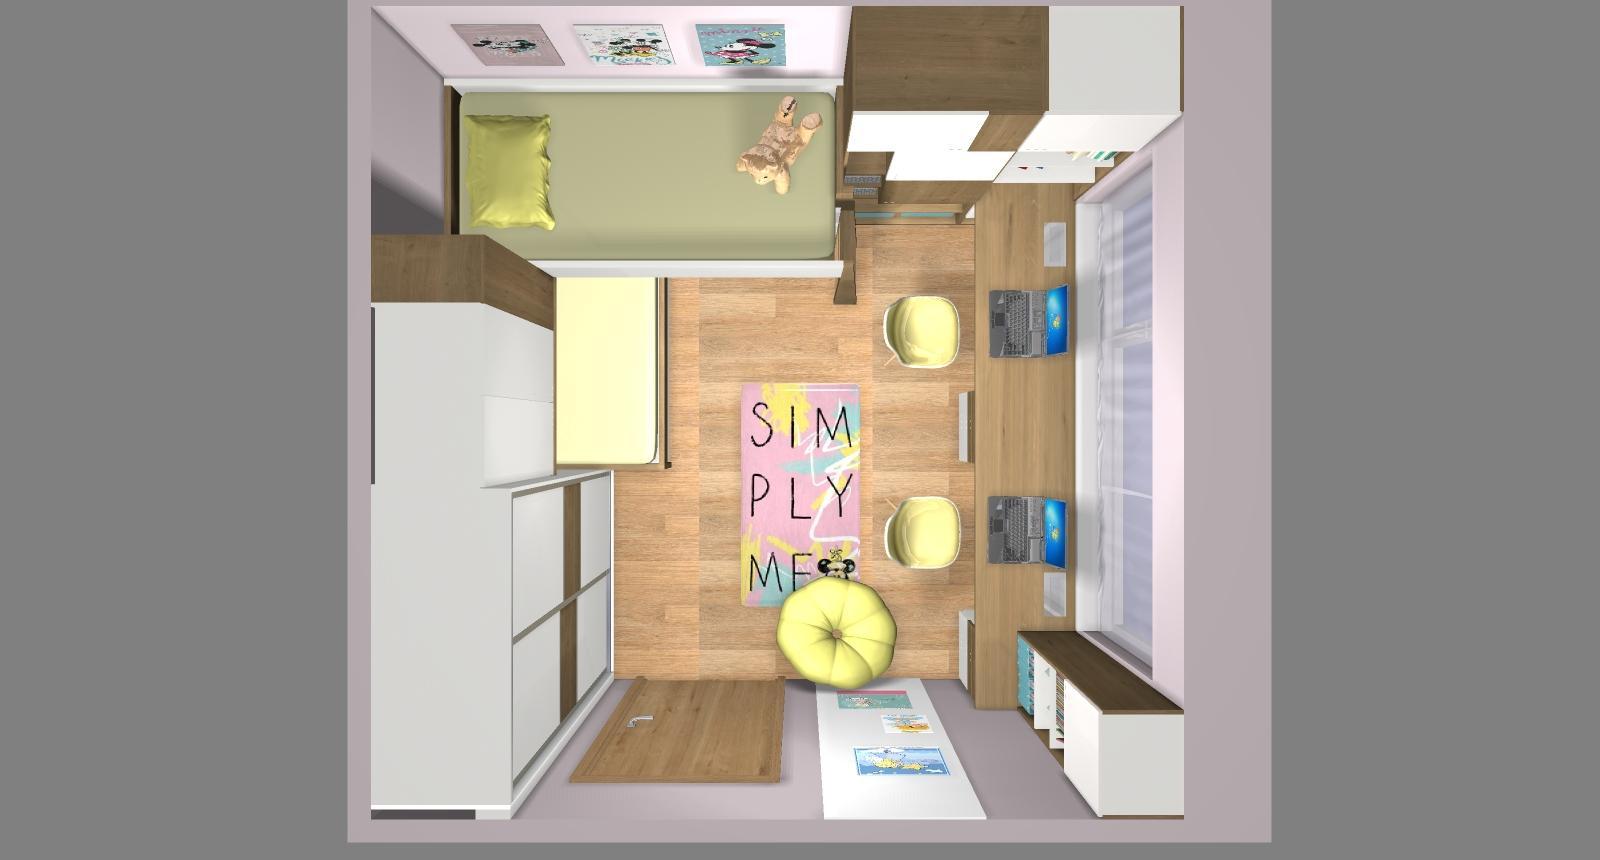 Grafické návrhy interiér 2019 - Grafický návrh detskej izby pre dve dievčatká - verzia 2 - obr.11